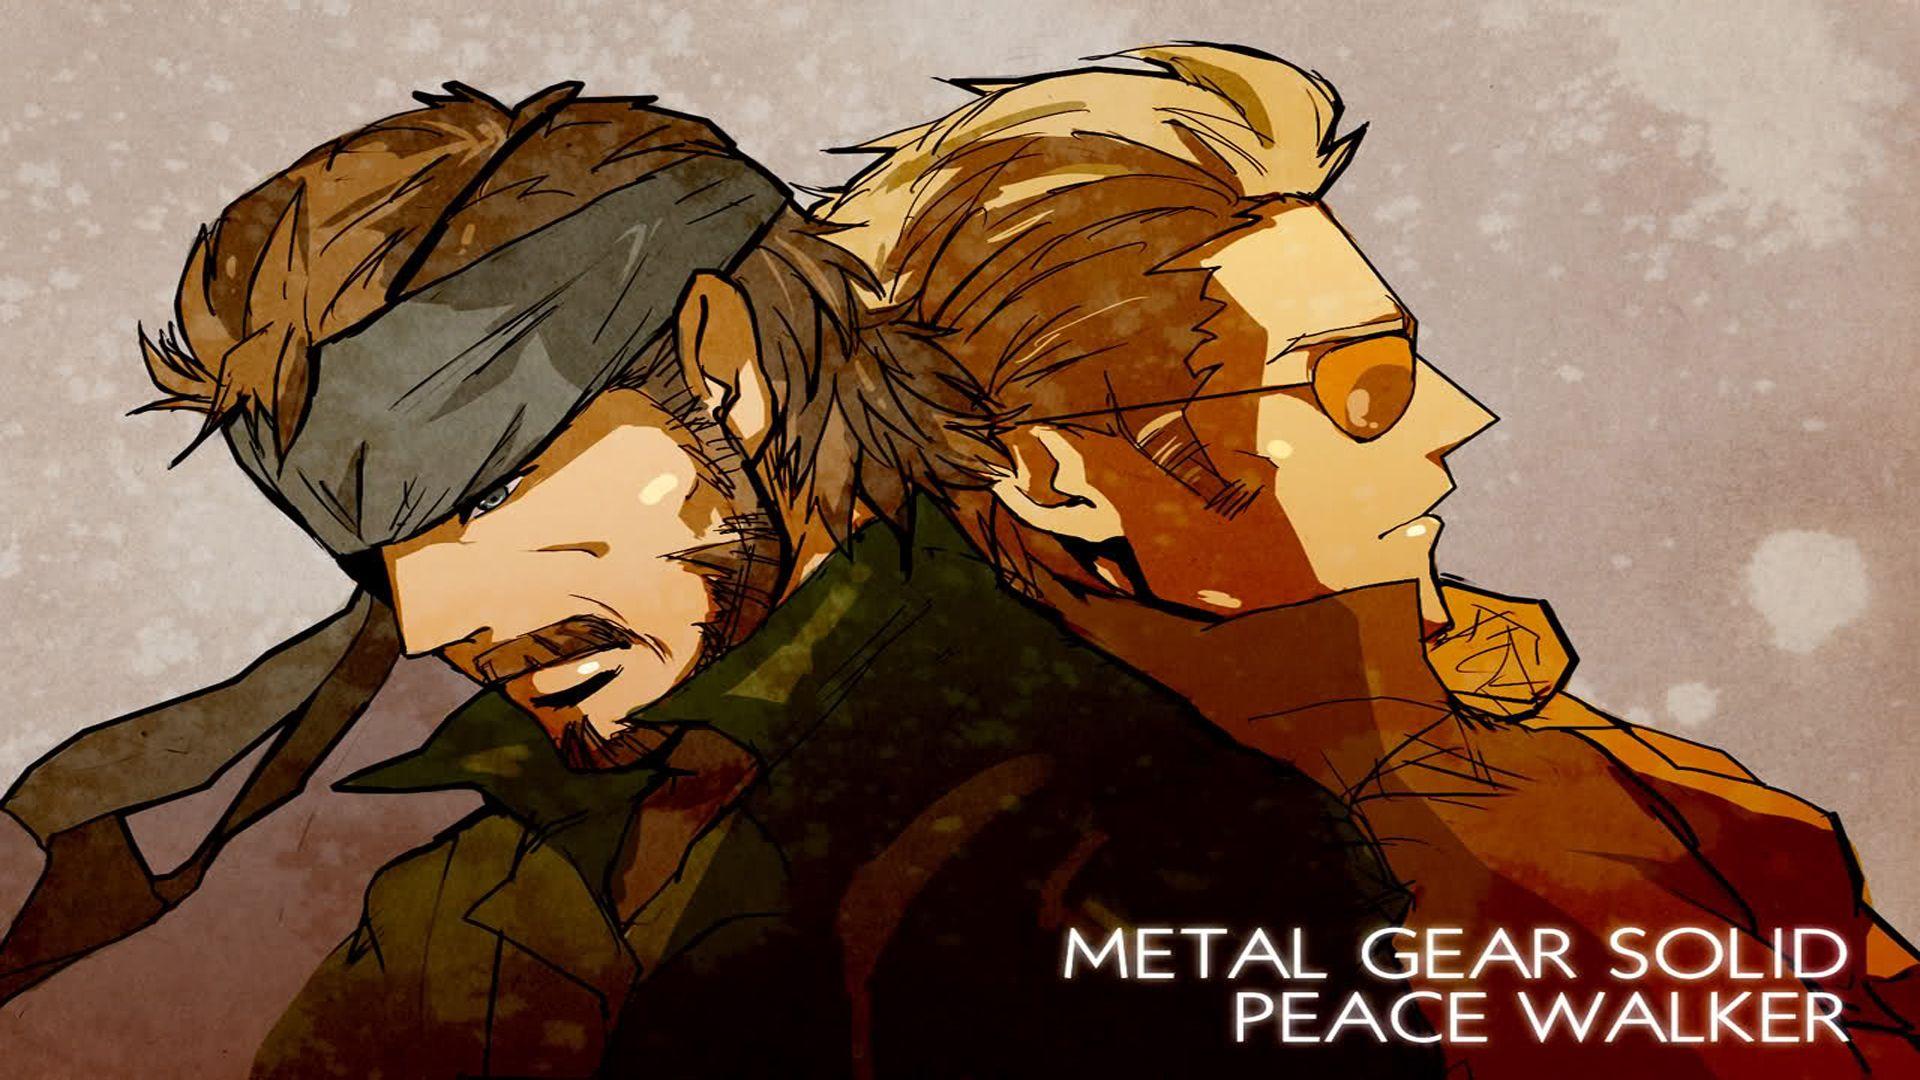 Pin By Jesse Joe On Mgs Pinterest Metal Gear Solid Metal Gear